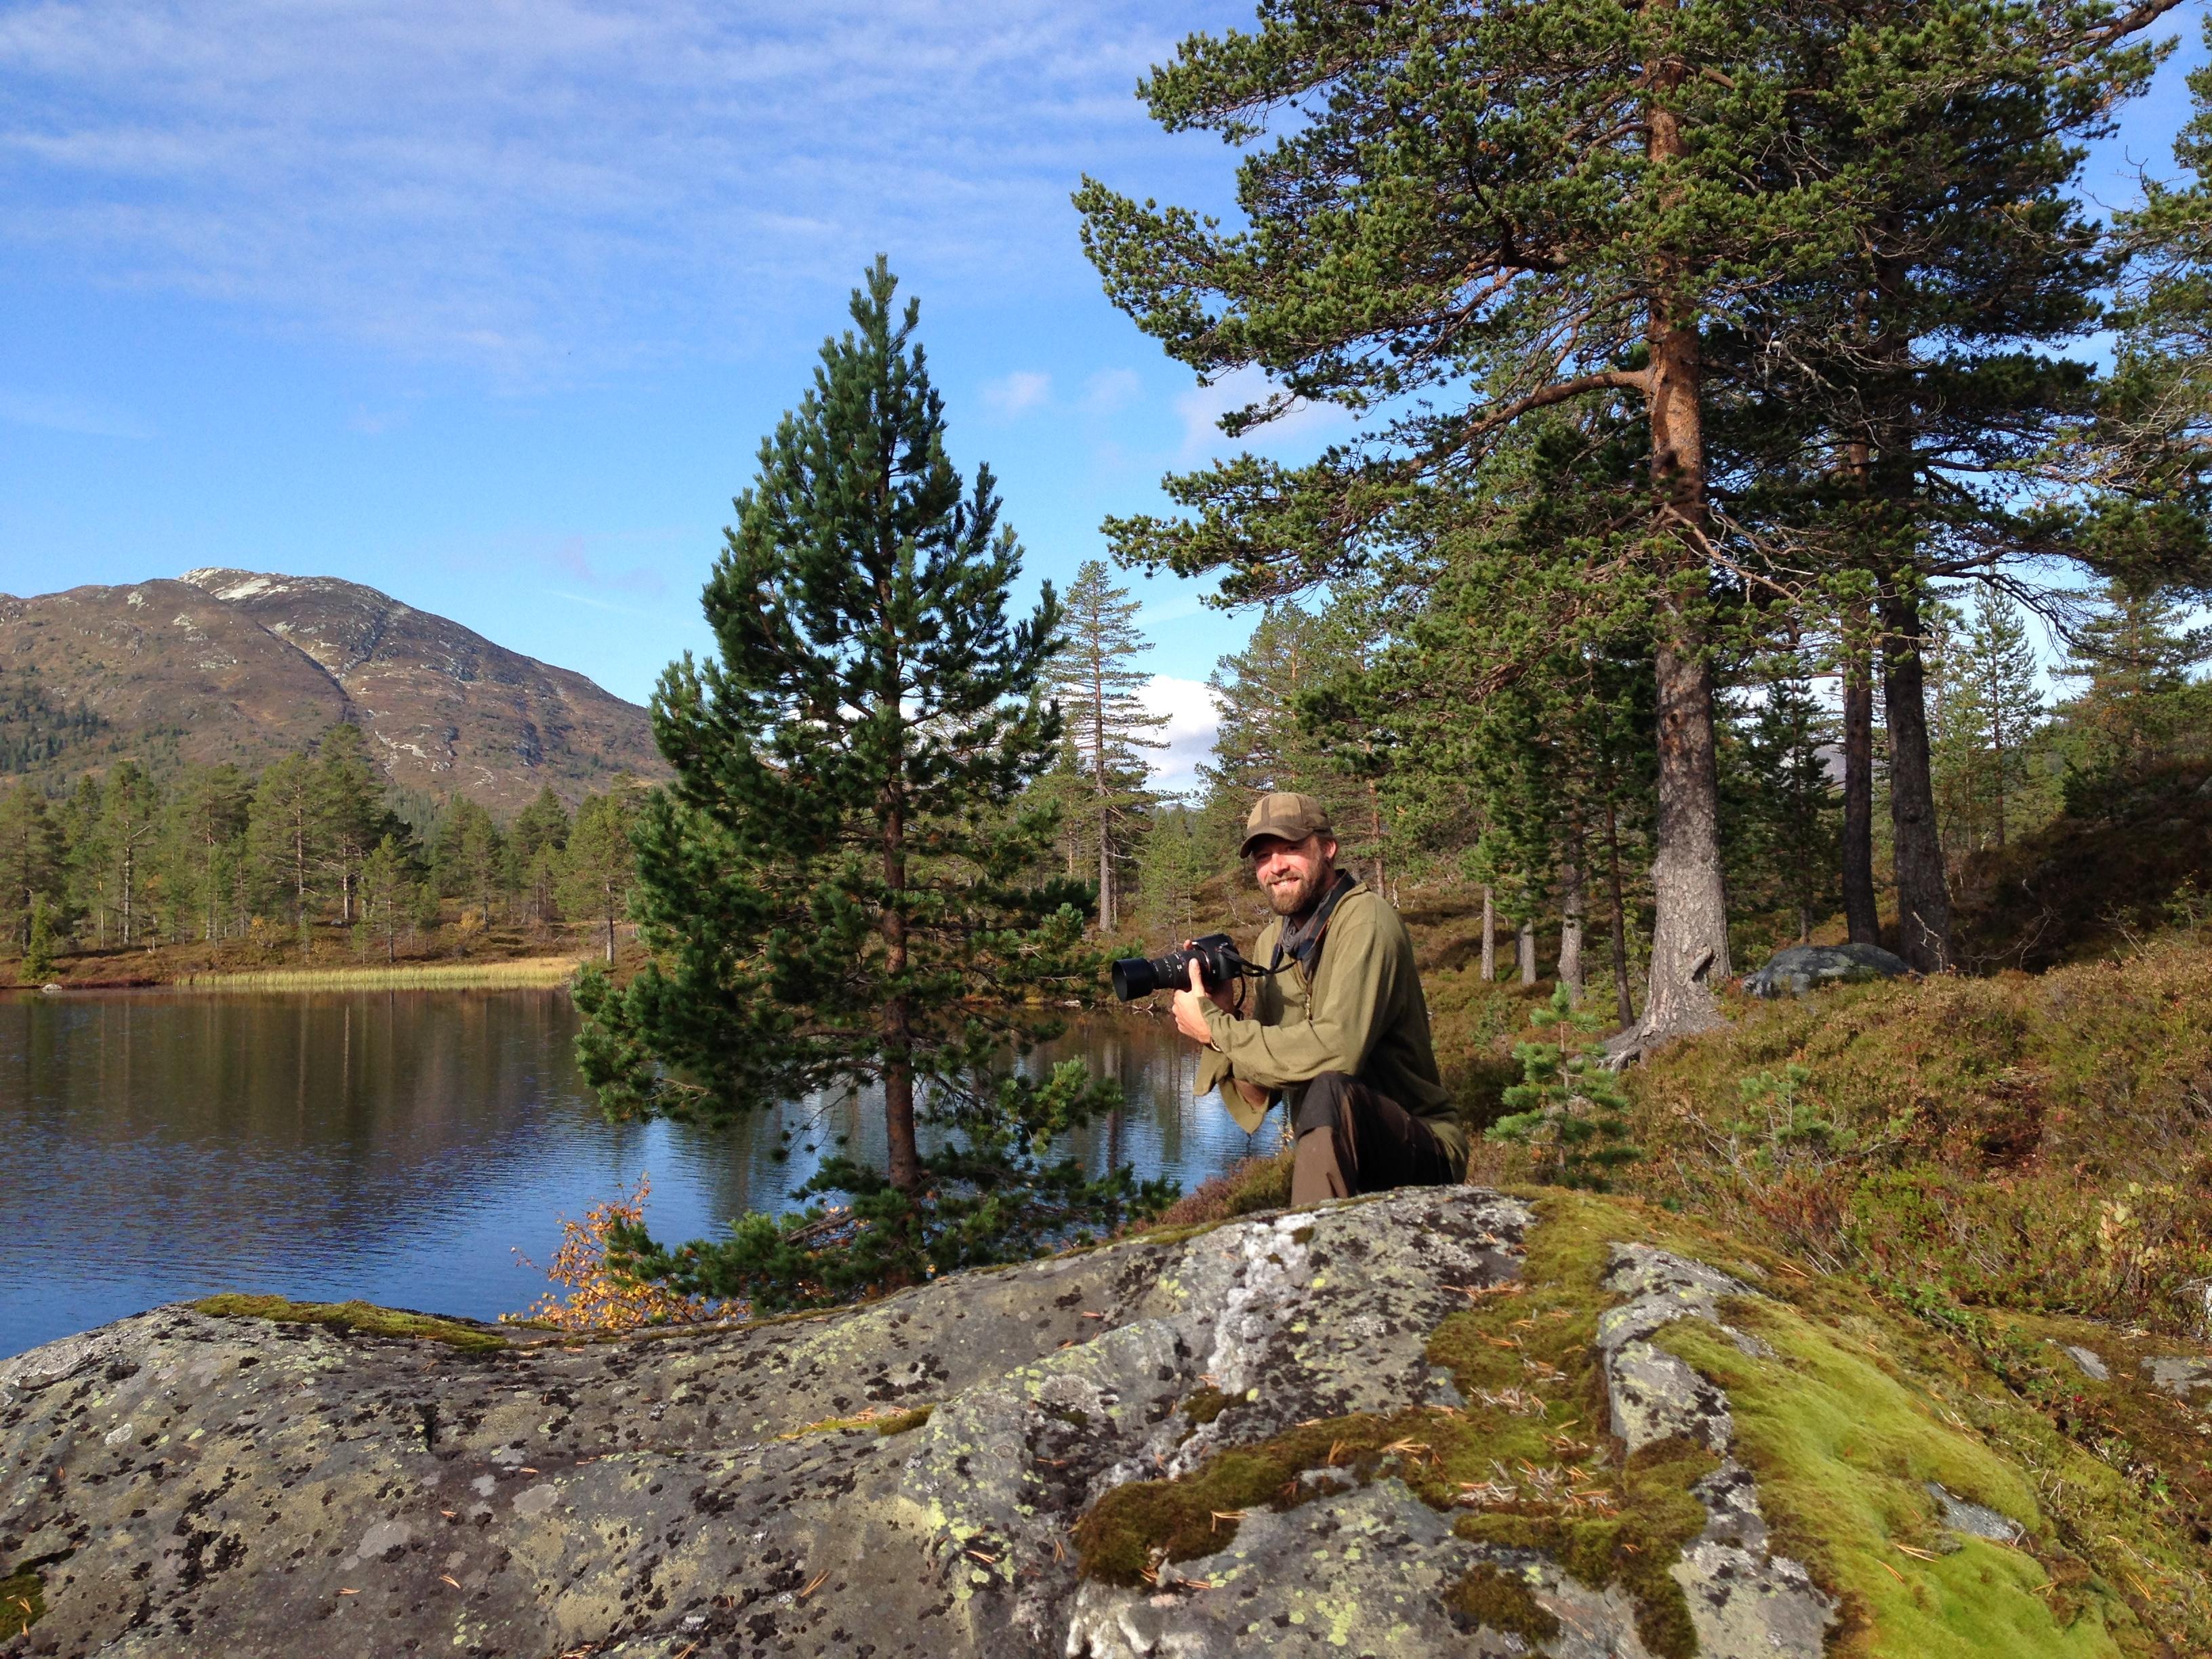 Naturvejleder Daniel G. Sørensen